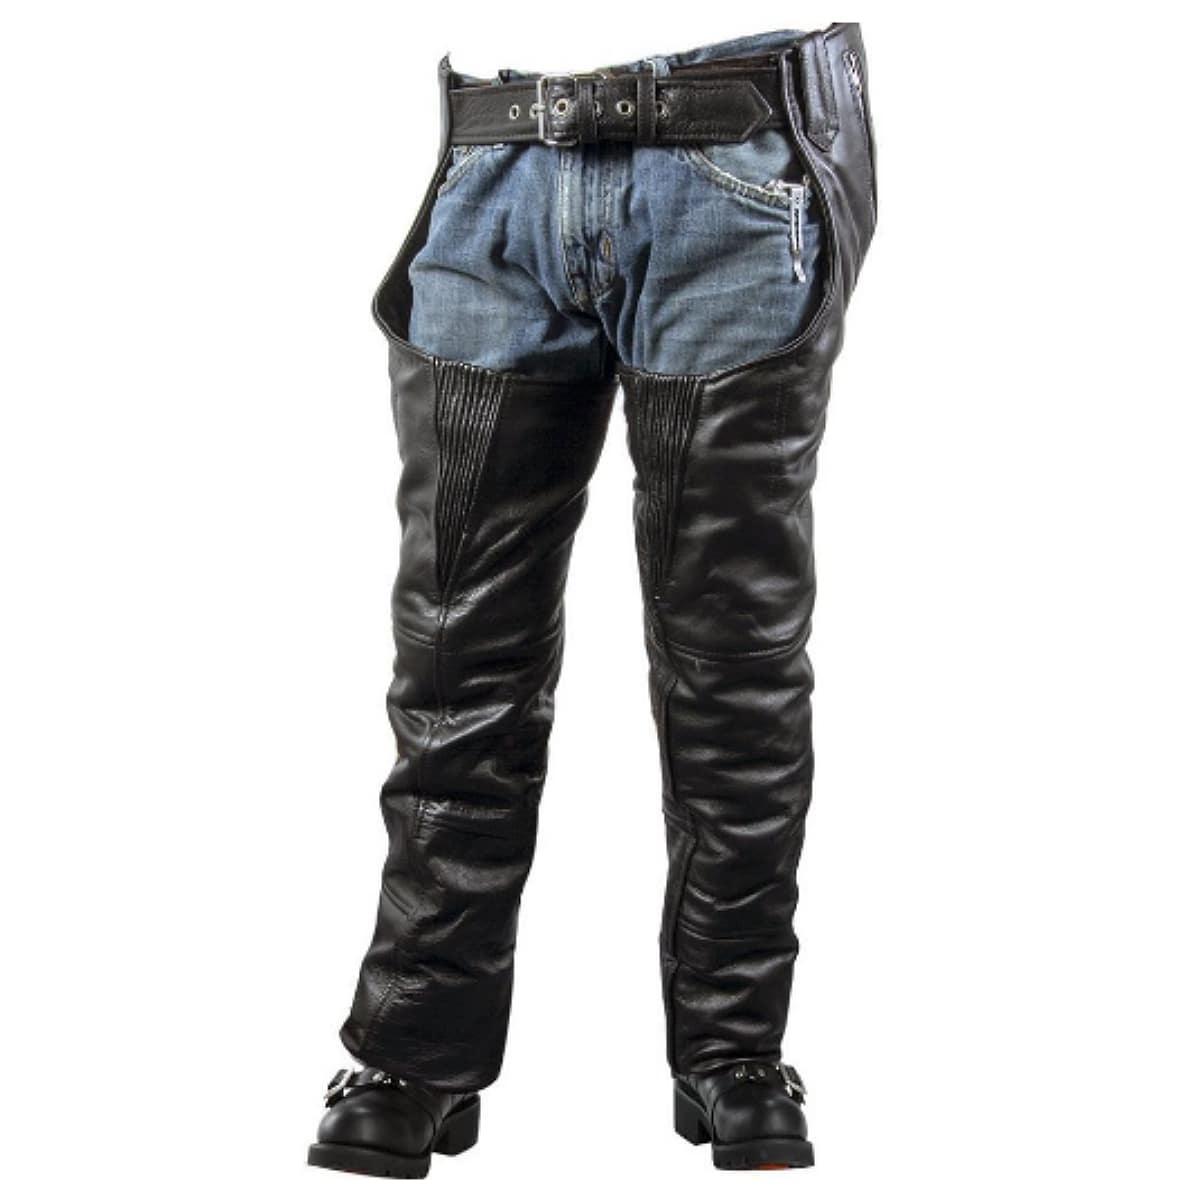 【送料無料!】日本未発売! 米国直輸入! 本革製 [Xelement Men's B7700 Black Comfort High Grade Leather Chaps] メンズ ブラック ハイグレード チャップス! ウエスト調節可能 編み上げ 簡単装着! 2種の裏地でオールシーズン着用OK レザーパンツ バイクに 大きいサイズ